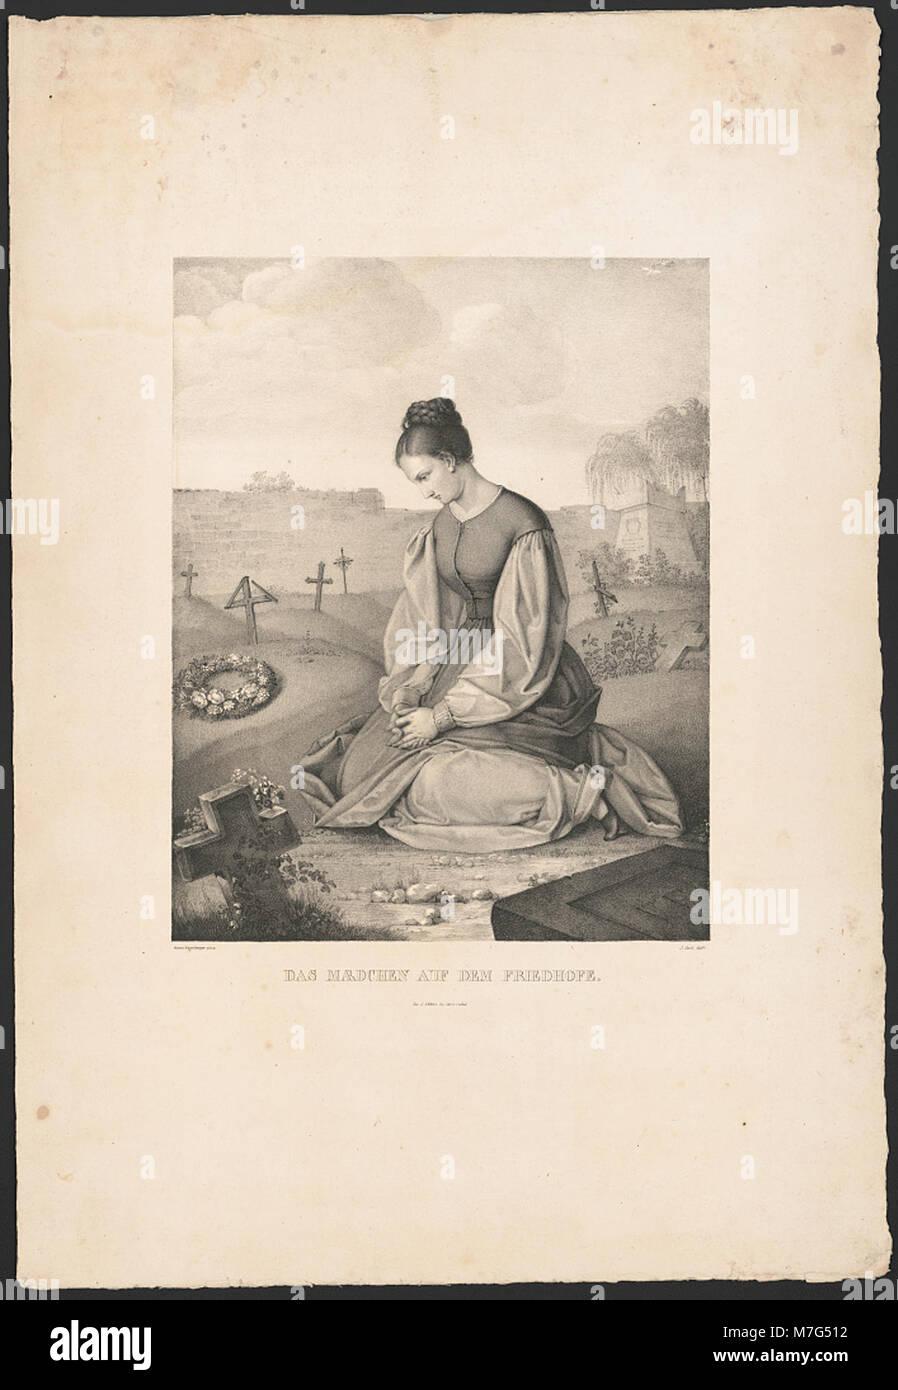 Das Mædchen auf dem Friedhofe (sic) - Gustav Dittenberger pinx. ; J. Oeri delt. LCCN2015647815 Stock Photo